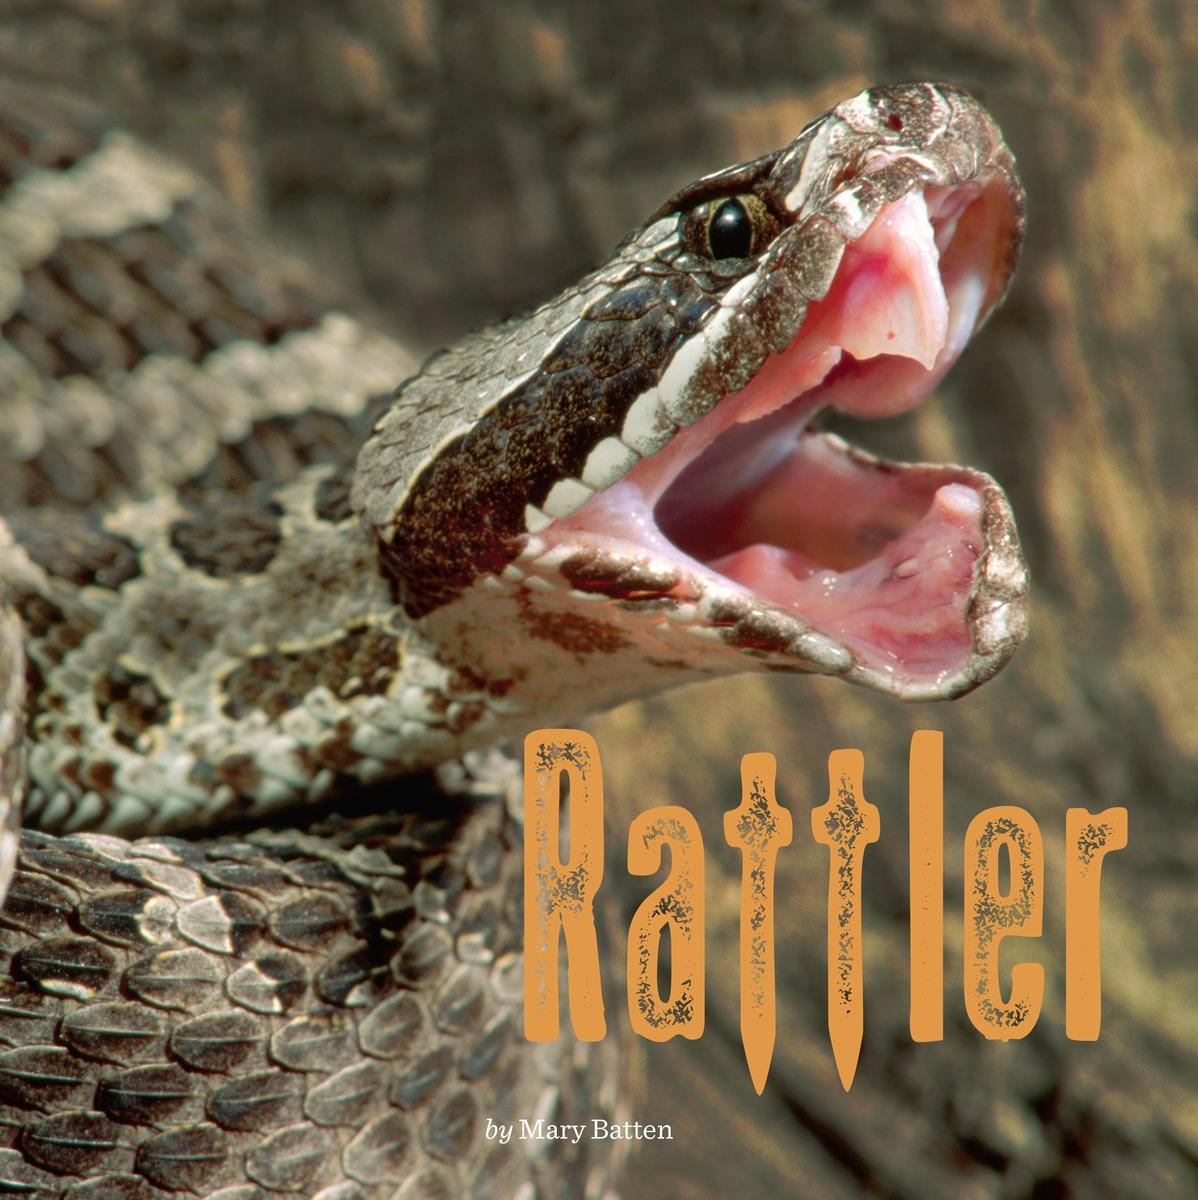 Rattler the venom of luxur